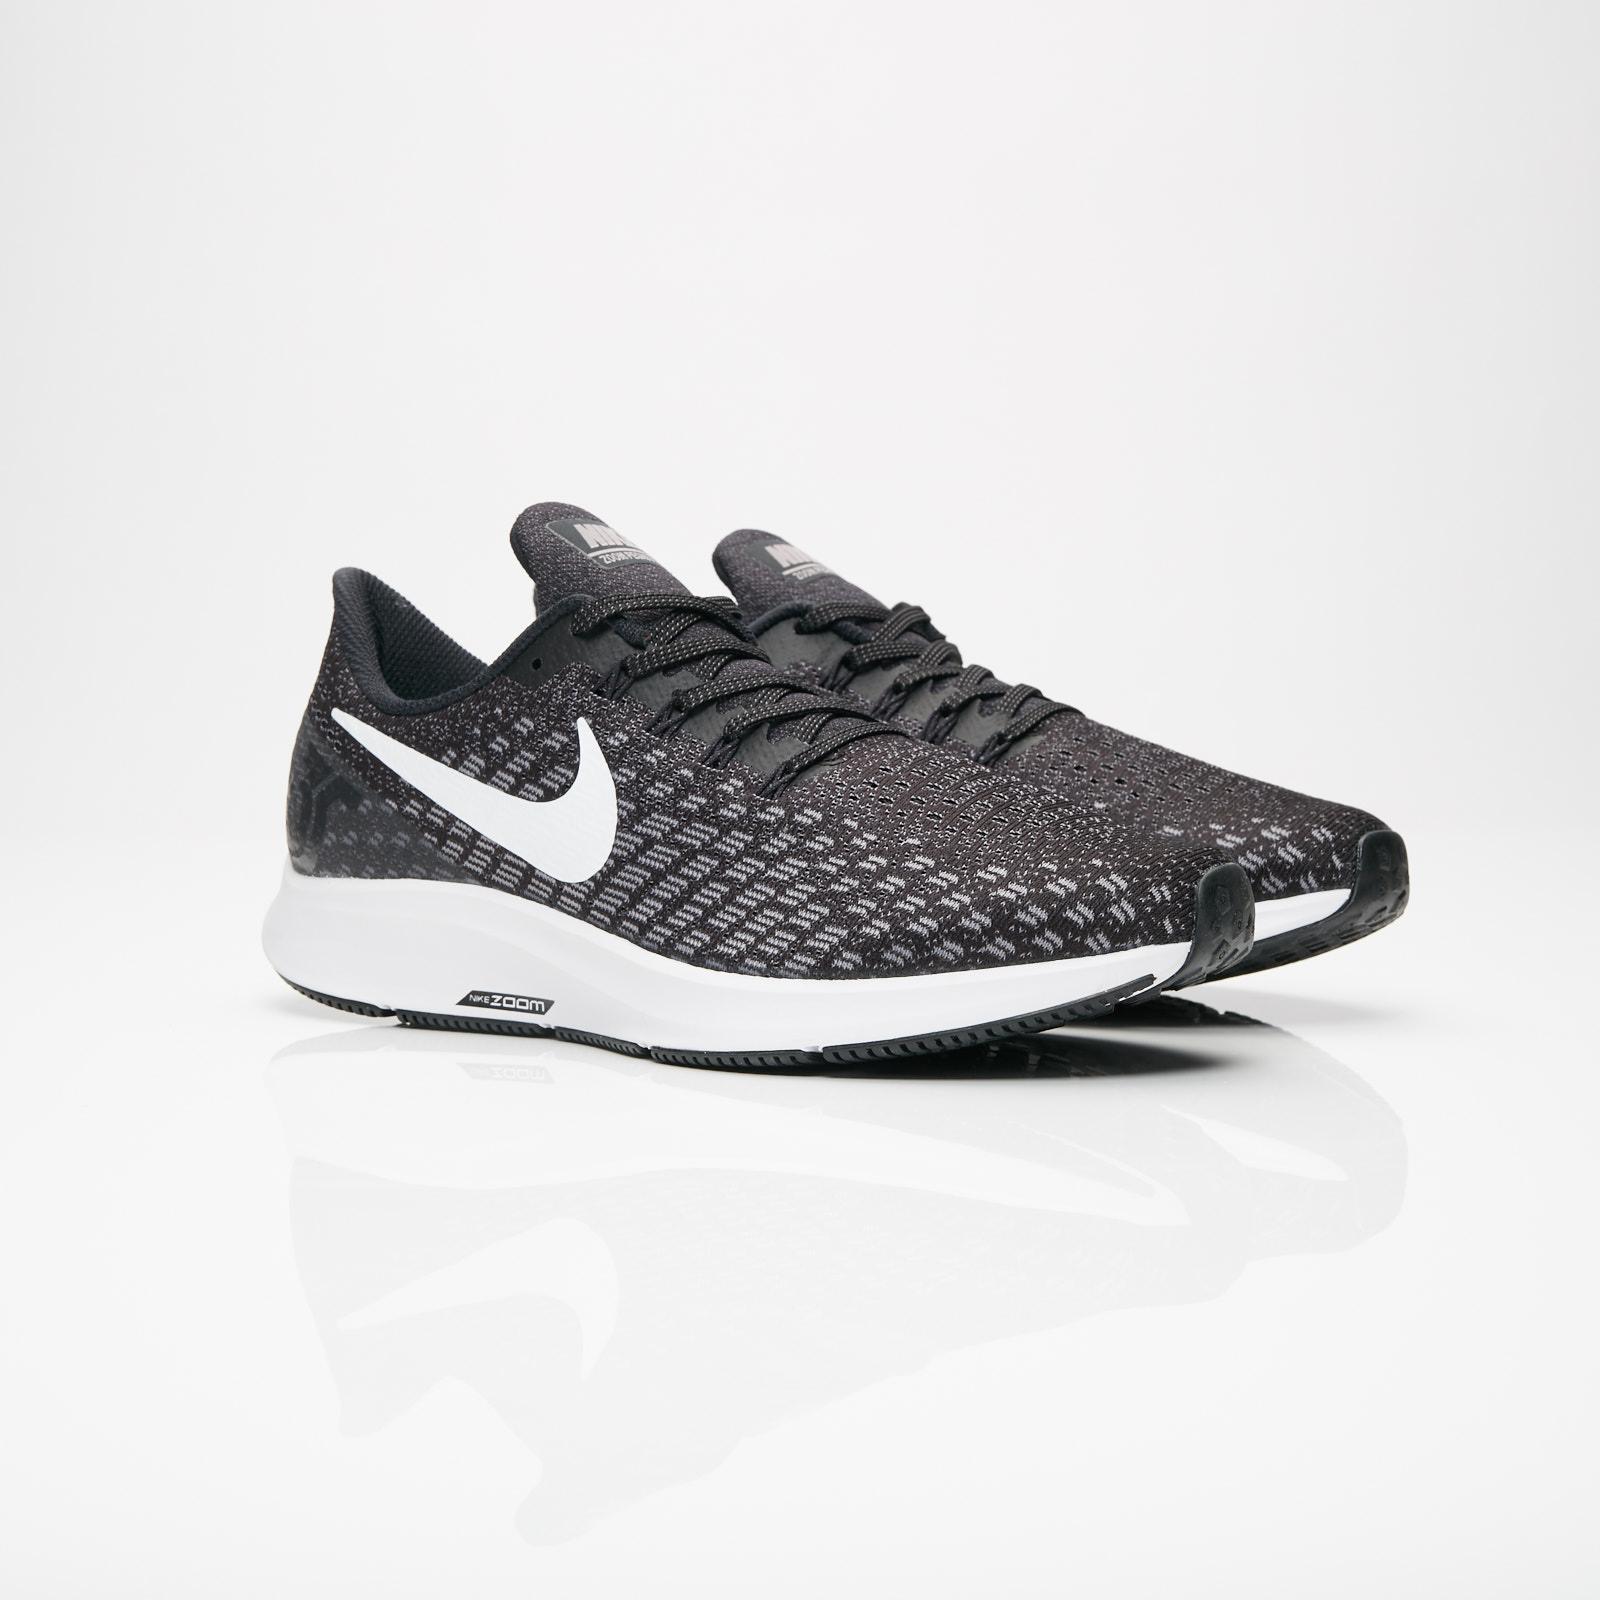 d8dd2929937bd Nike Air Zoom Pegasus 35 - 942851-001 - Sneakersnstuff